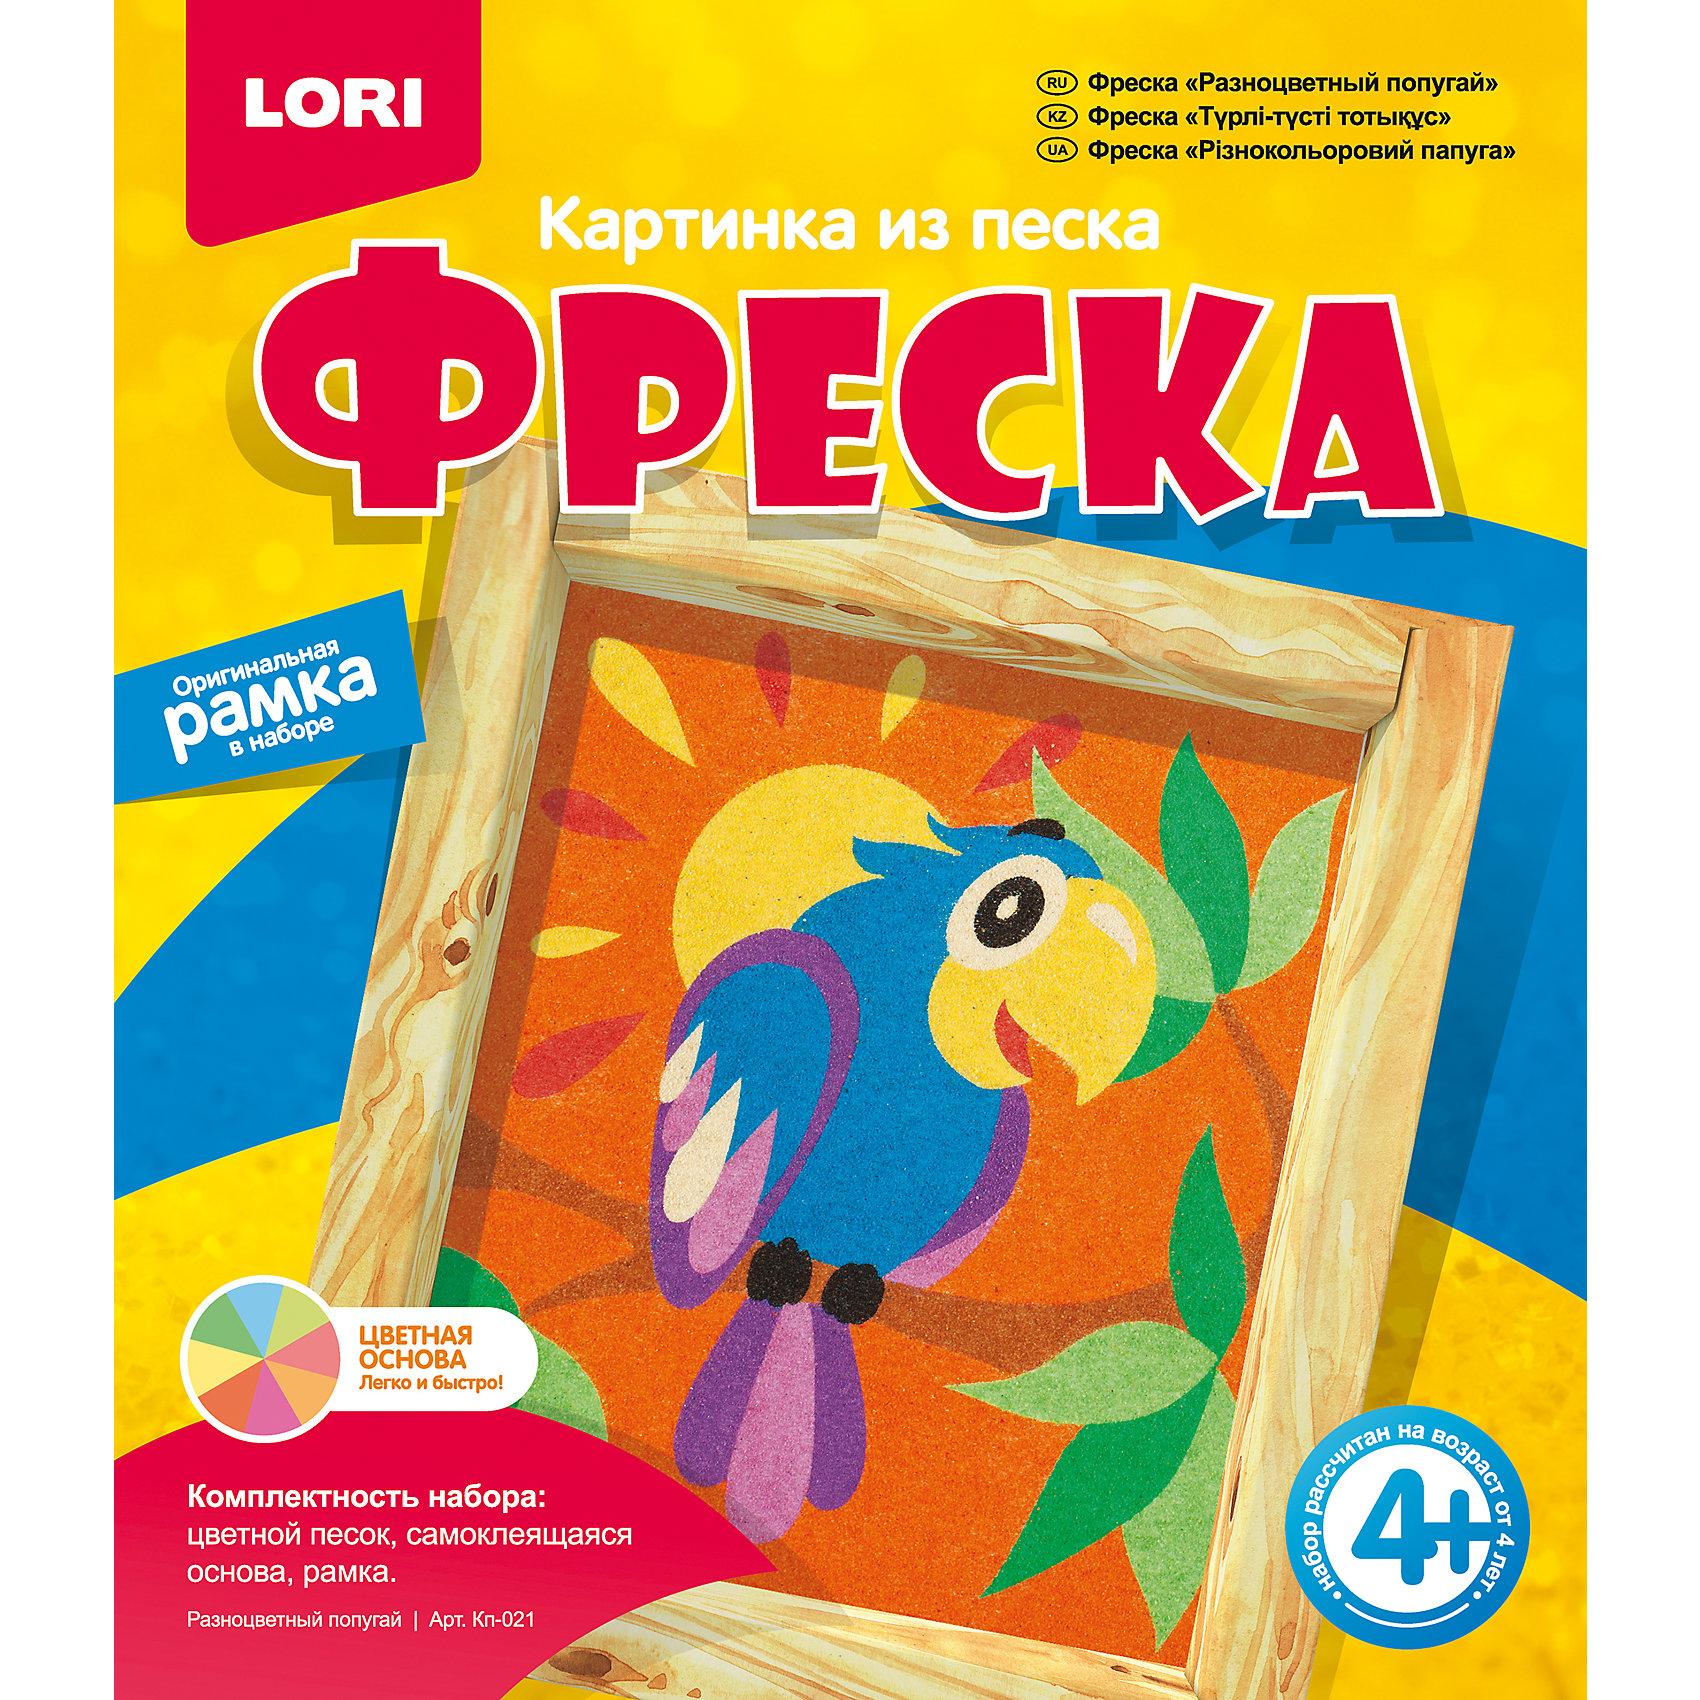 LORI Фреска, Картина из песка Разноцветный попугай lori фоторамки из гипса жирафы